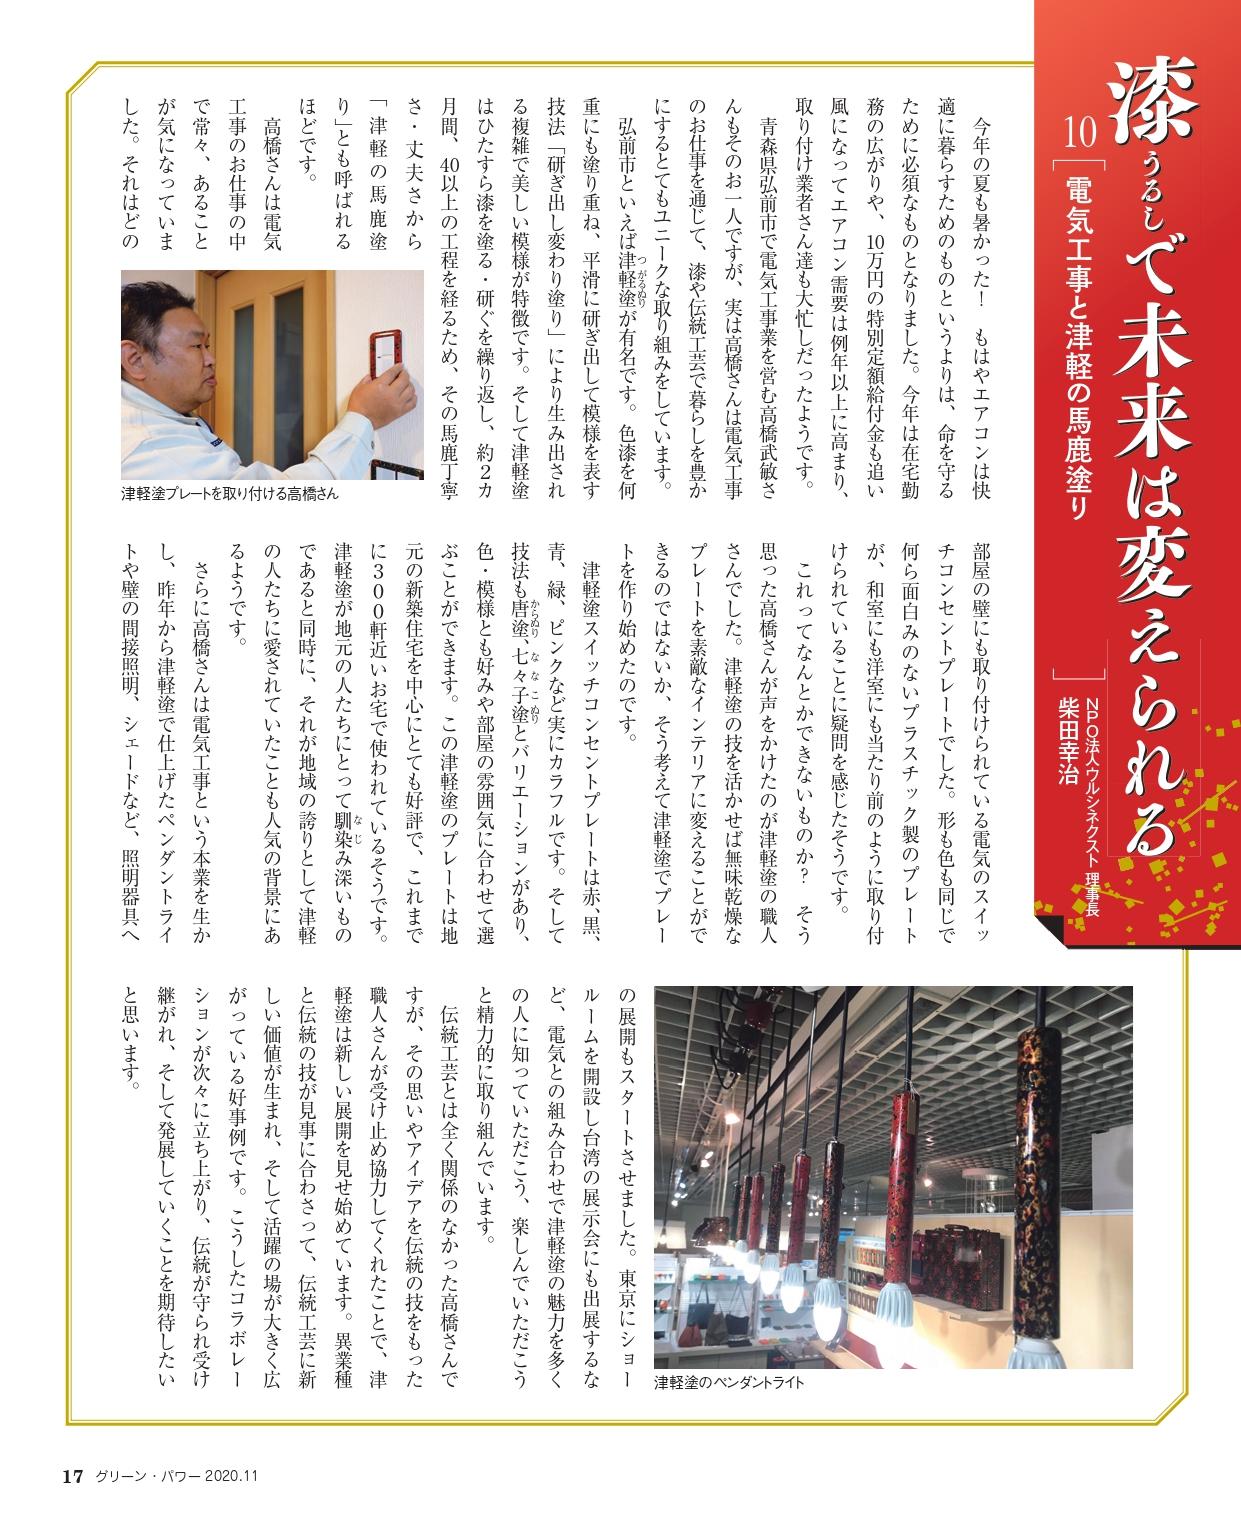 電気工事と津軽の馬鹿塗り-森林文化協会グリーンパワー誌掲載